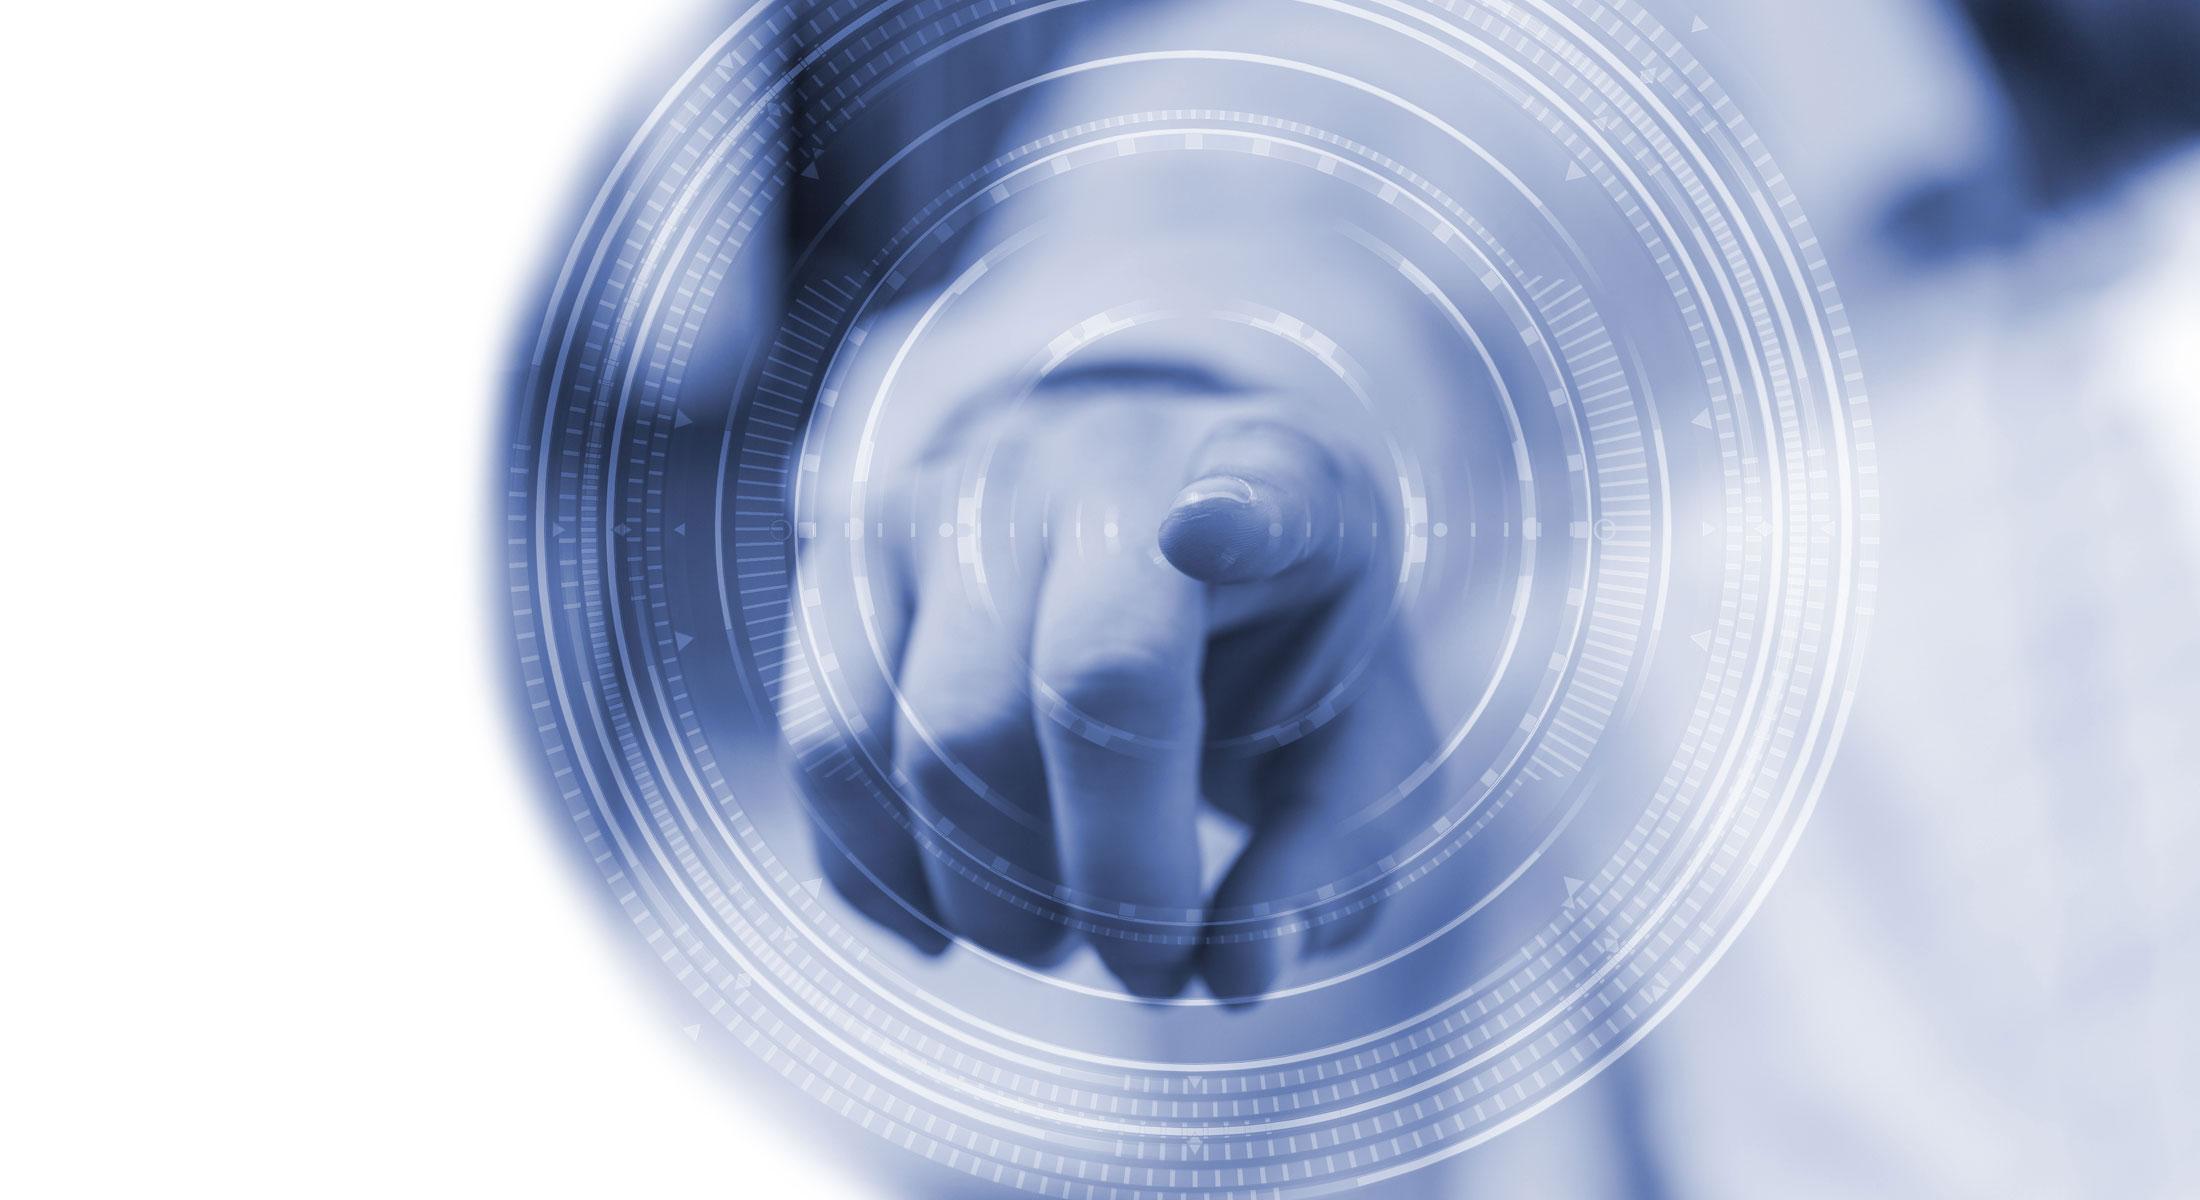 MCSH Webinar: Reichweite, rechtssicher - Rechtliche Herausforderungen im Online-Marketing